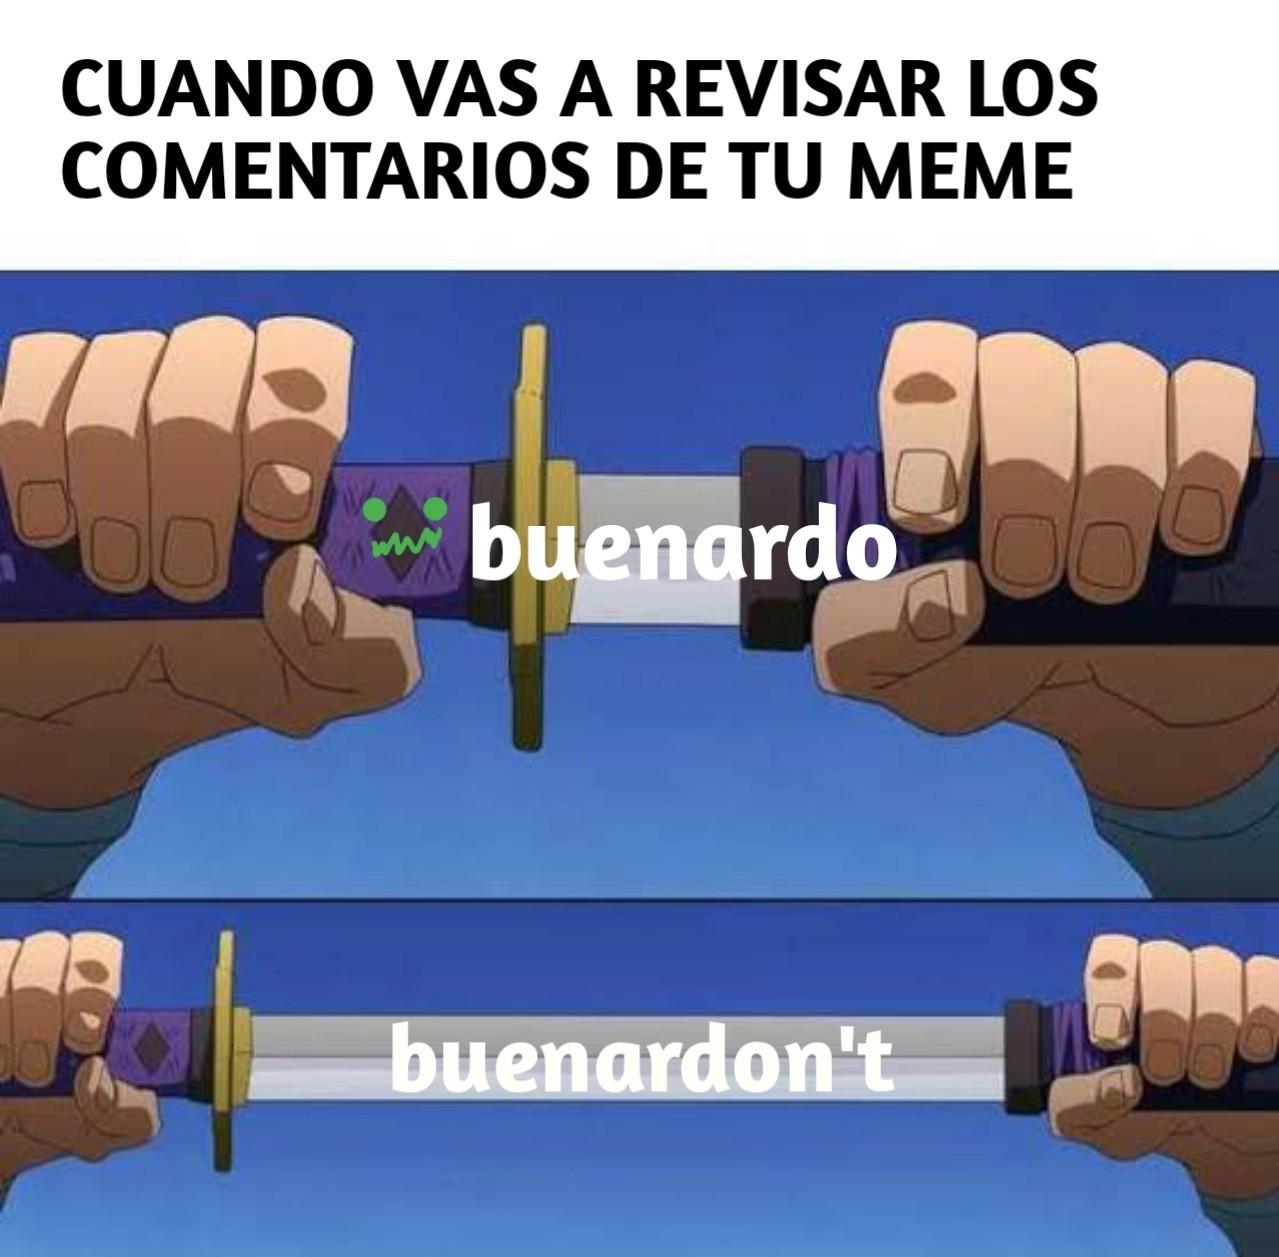 Jajan't - meme